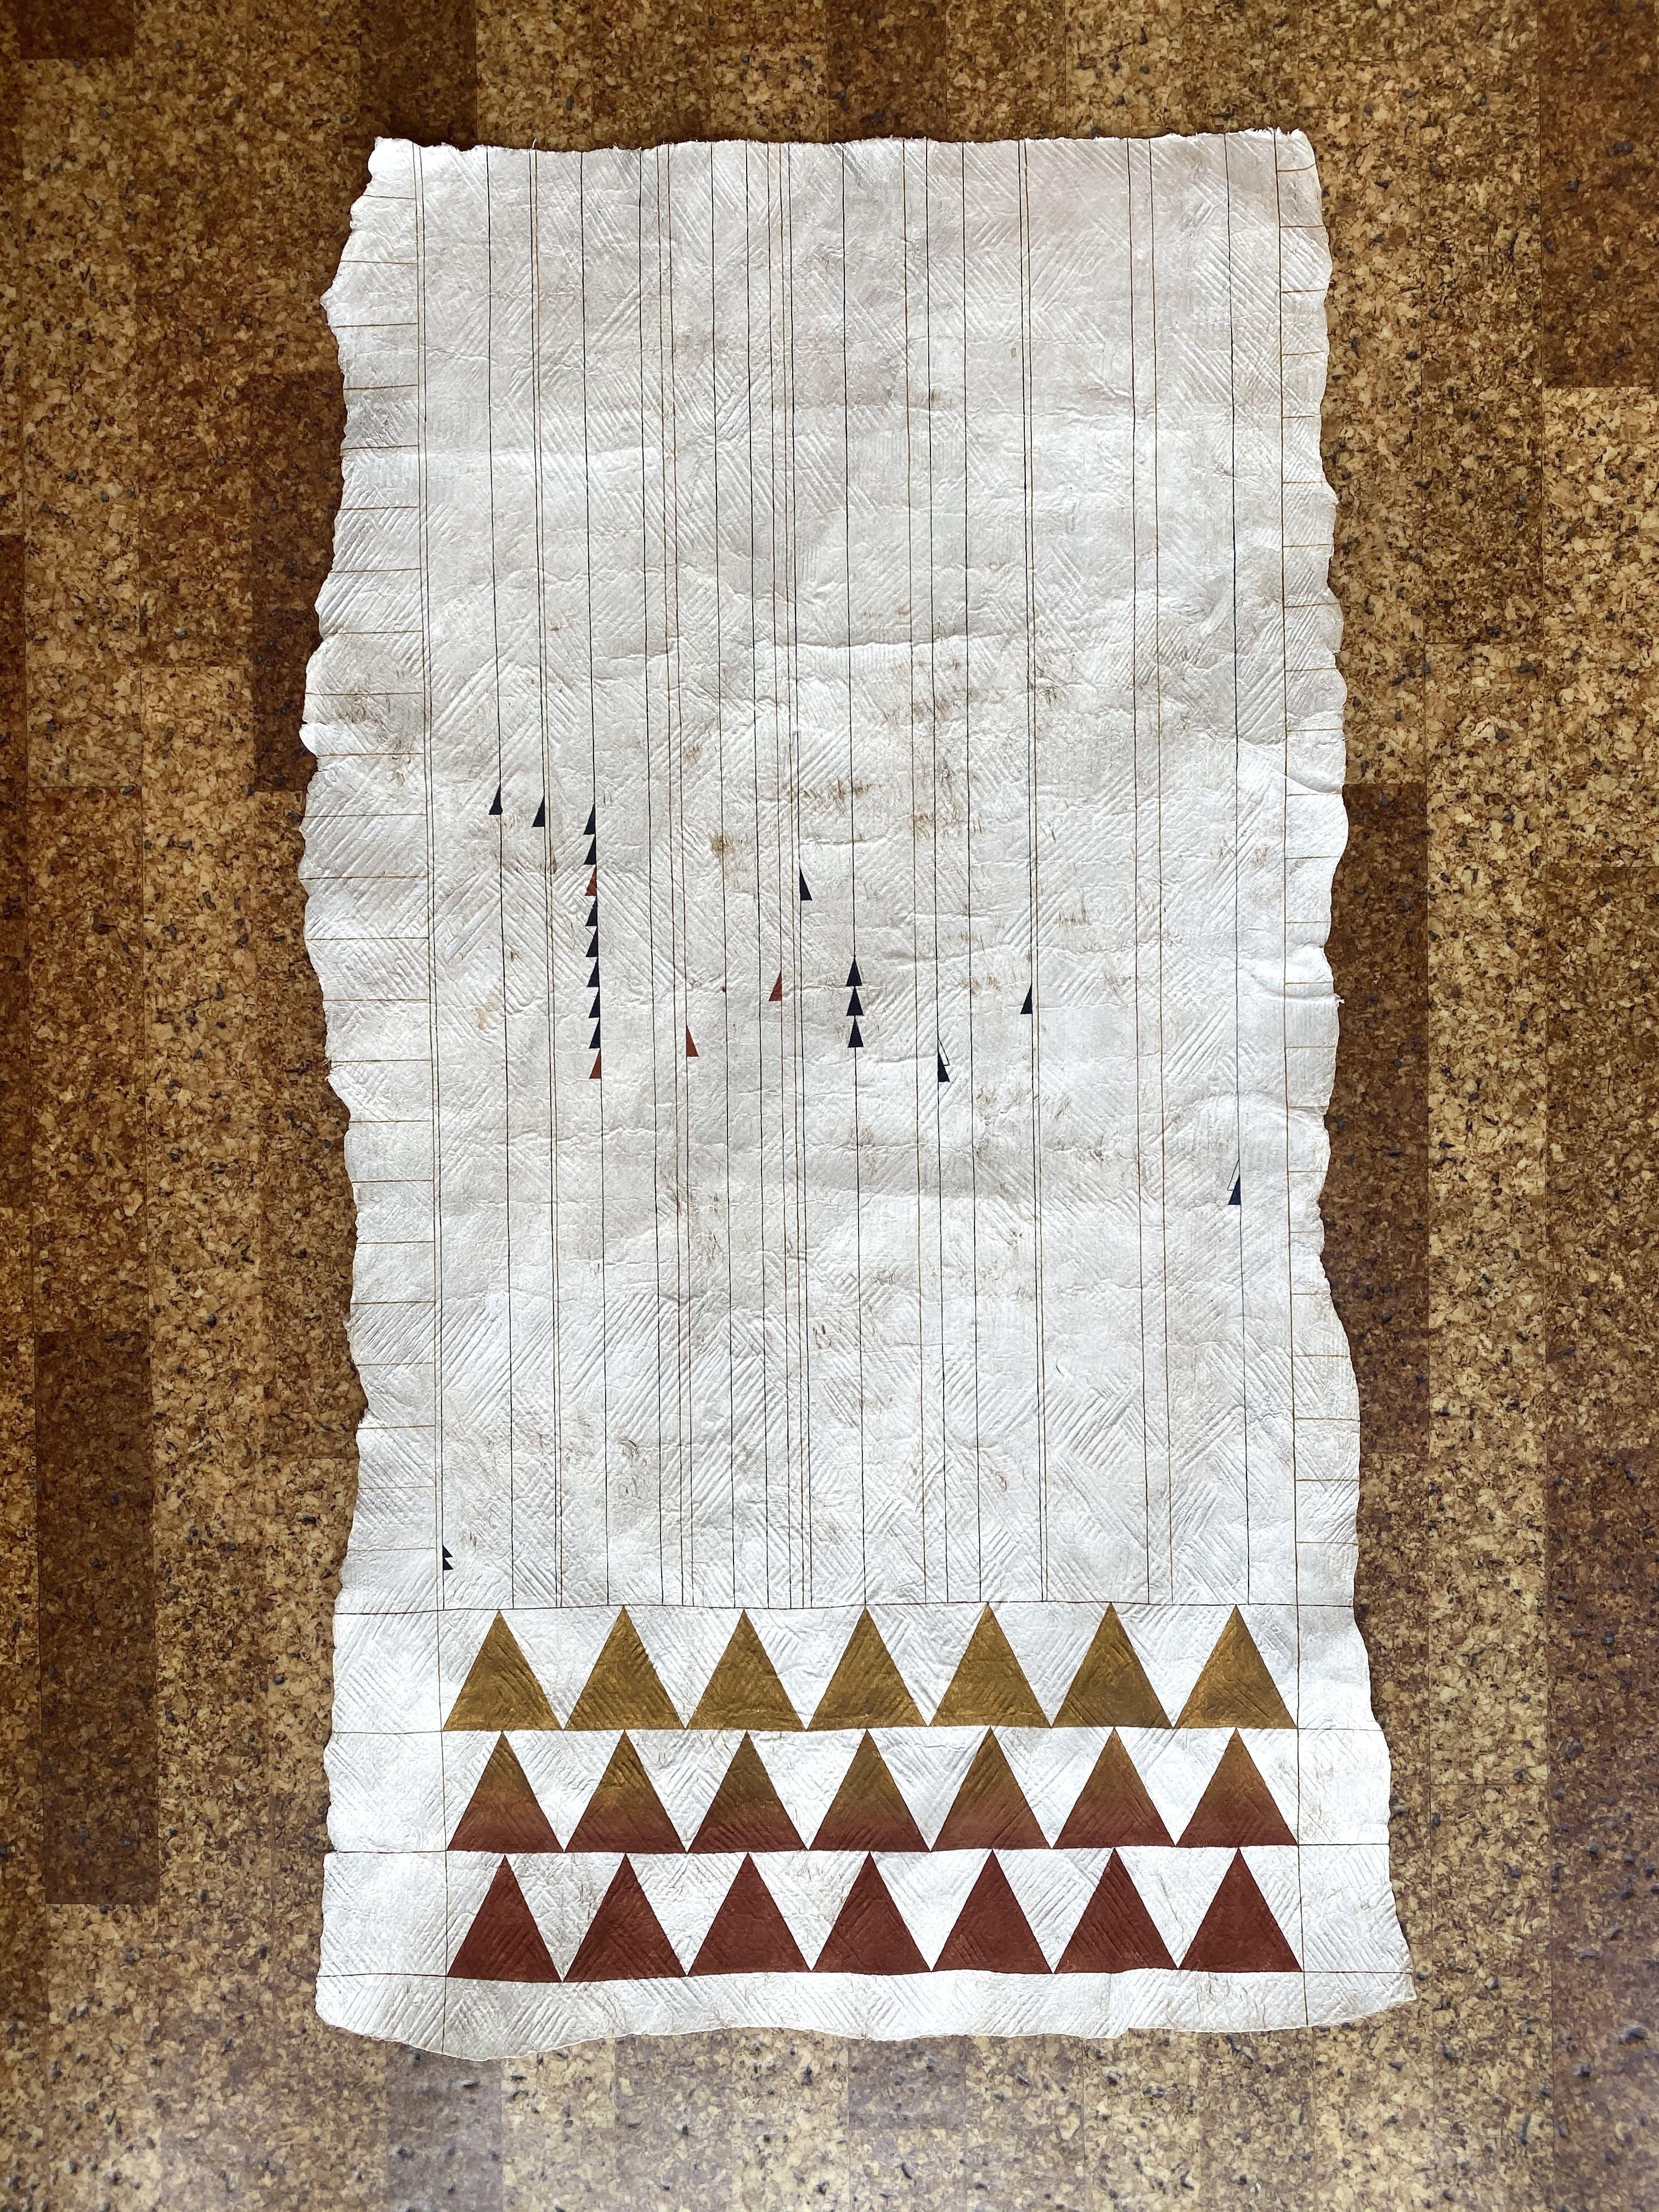 Nikau Hindin, Te Ao Karere. 6.30. 26.04.1925, 2021. Kiingi Tuheitia Portraiture Award Finalist.